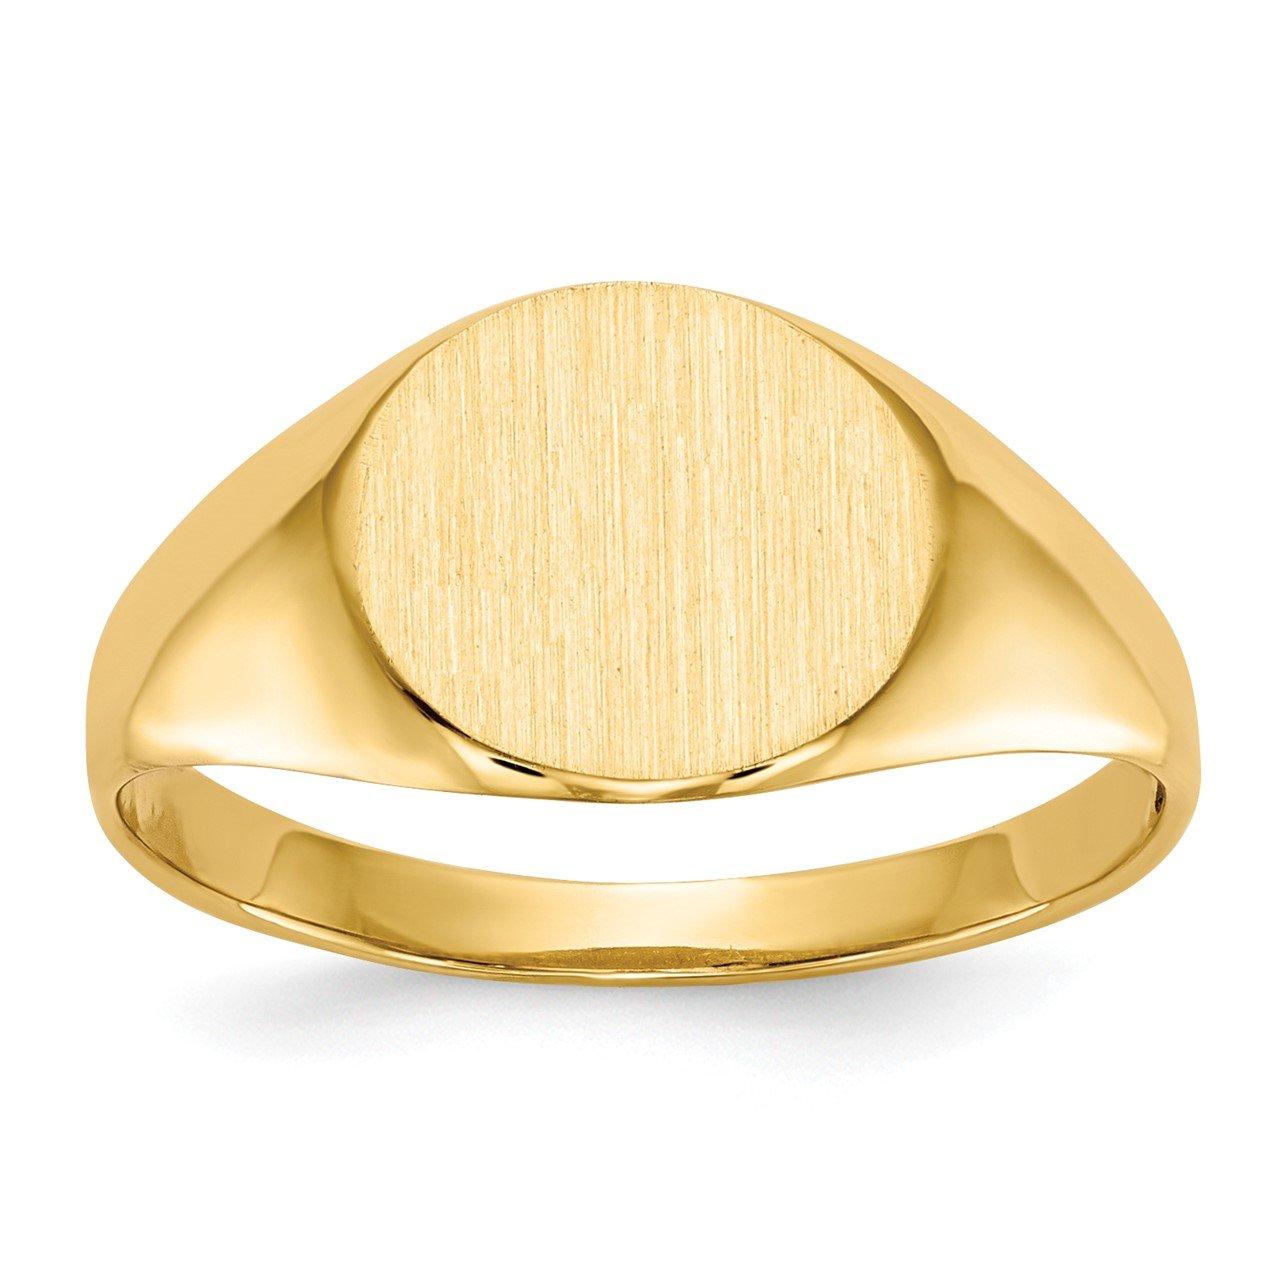 14k 8.5x9.5mm Open Back Signet Ring